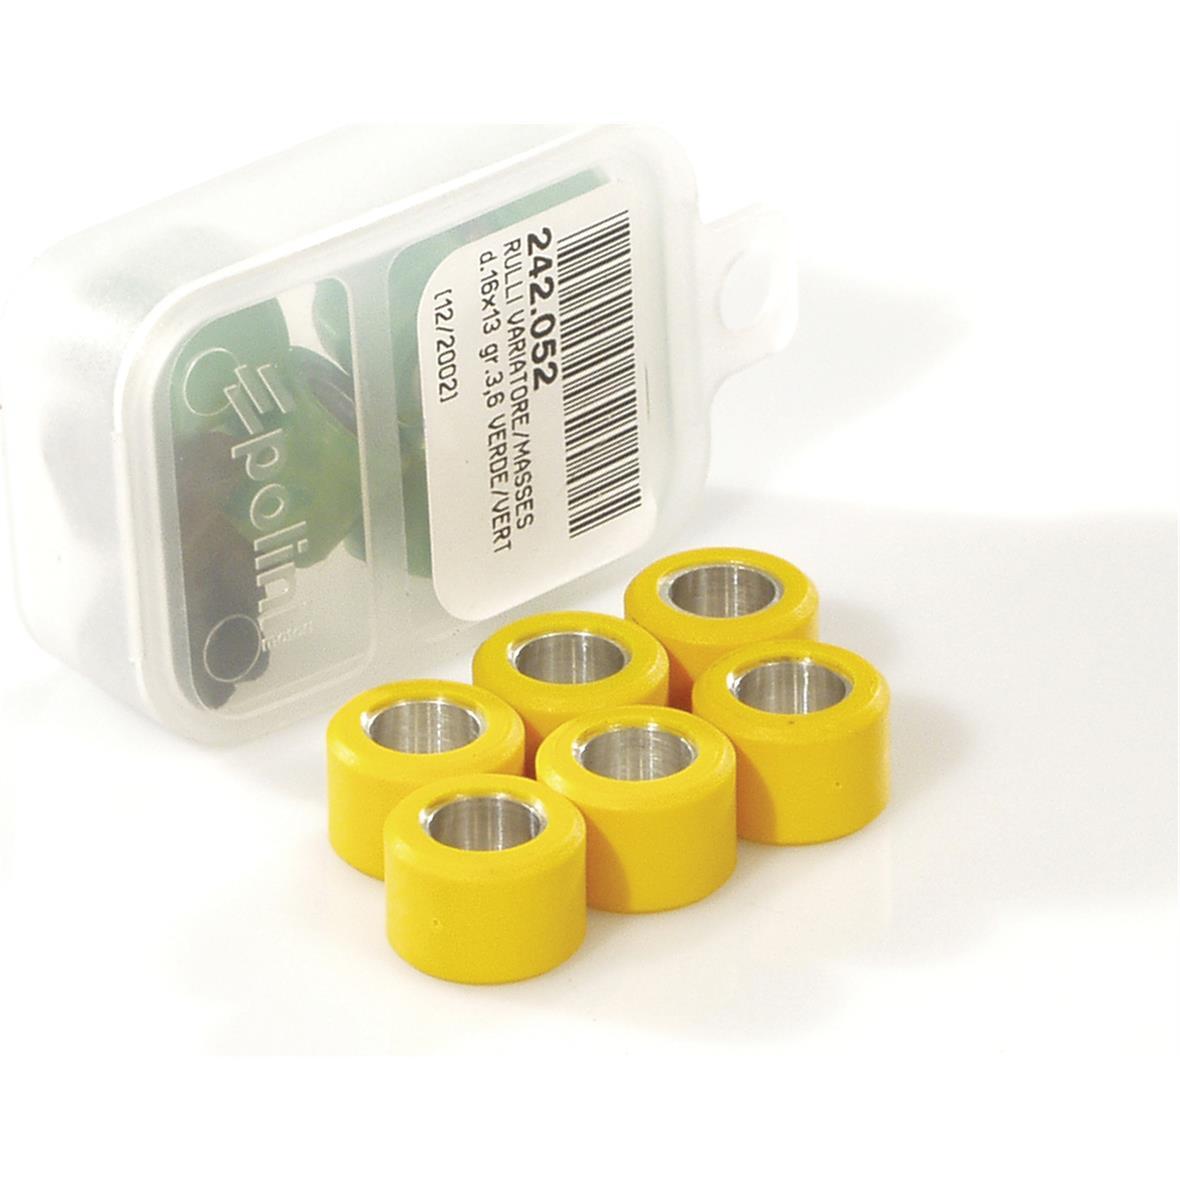 Εικόνα προϊόντος για 'Ράουλα Βαριατόρ POLINI 15x12 mm 8,8 γραμμάριοTitle'